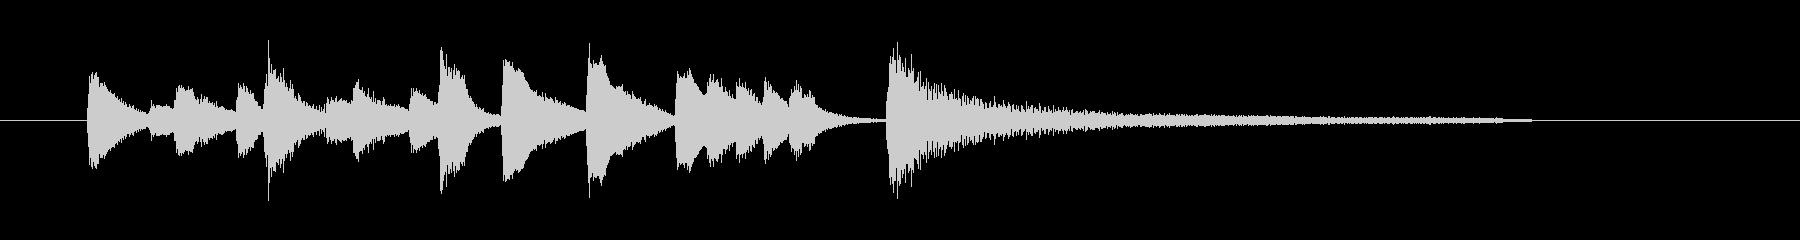 ジャジーなピアノのジングルの未再生の波形